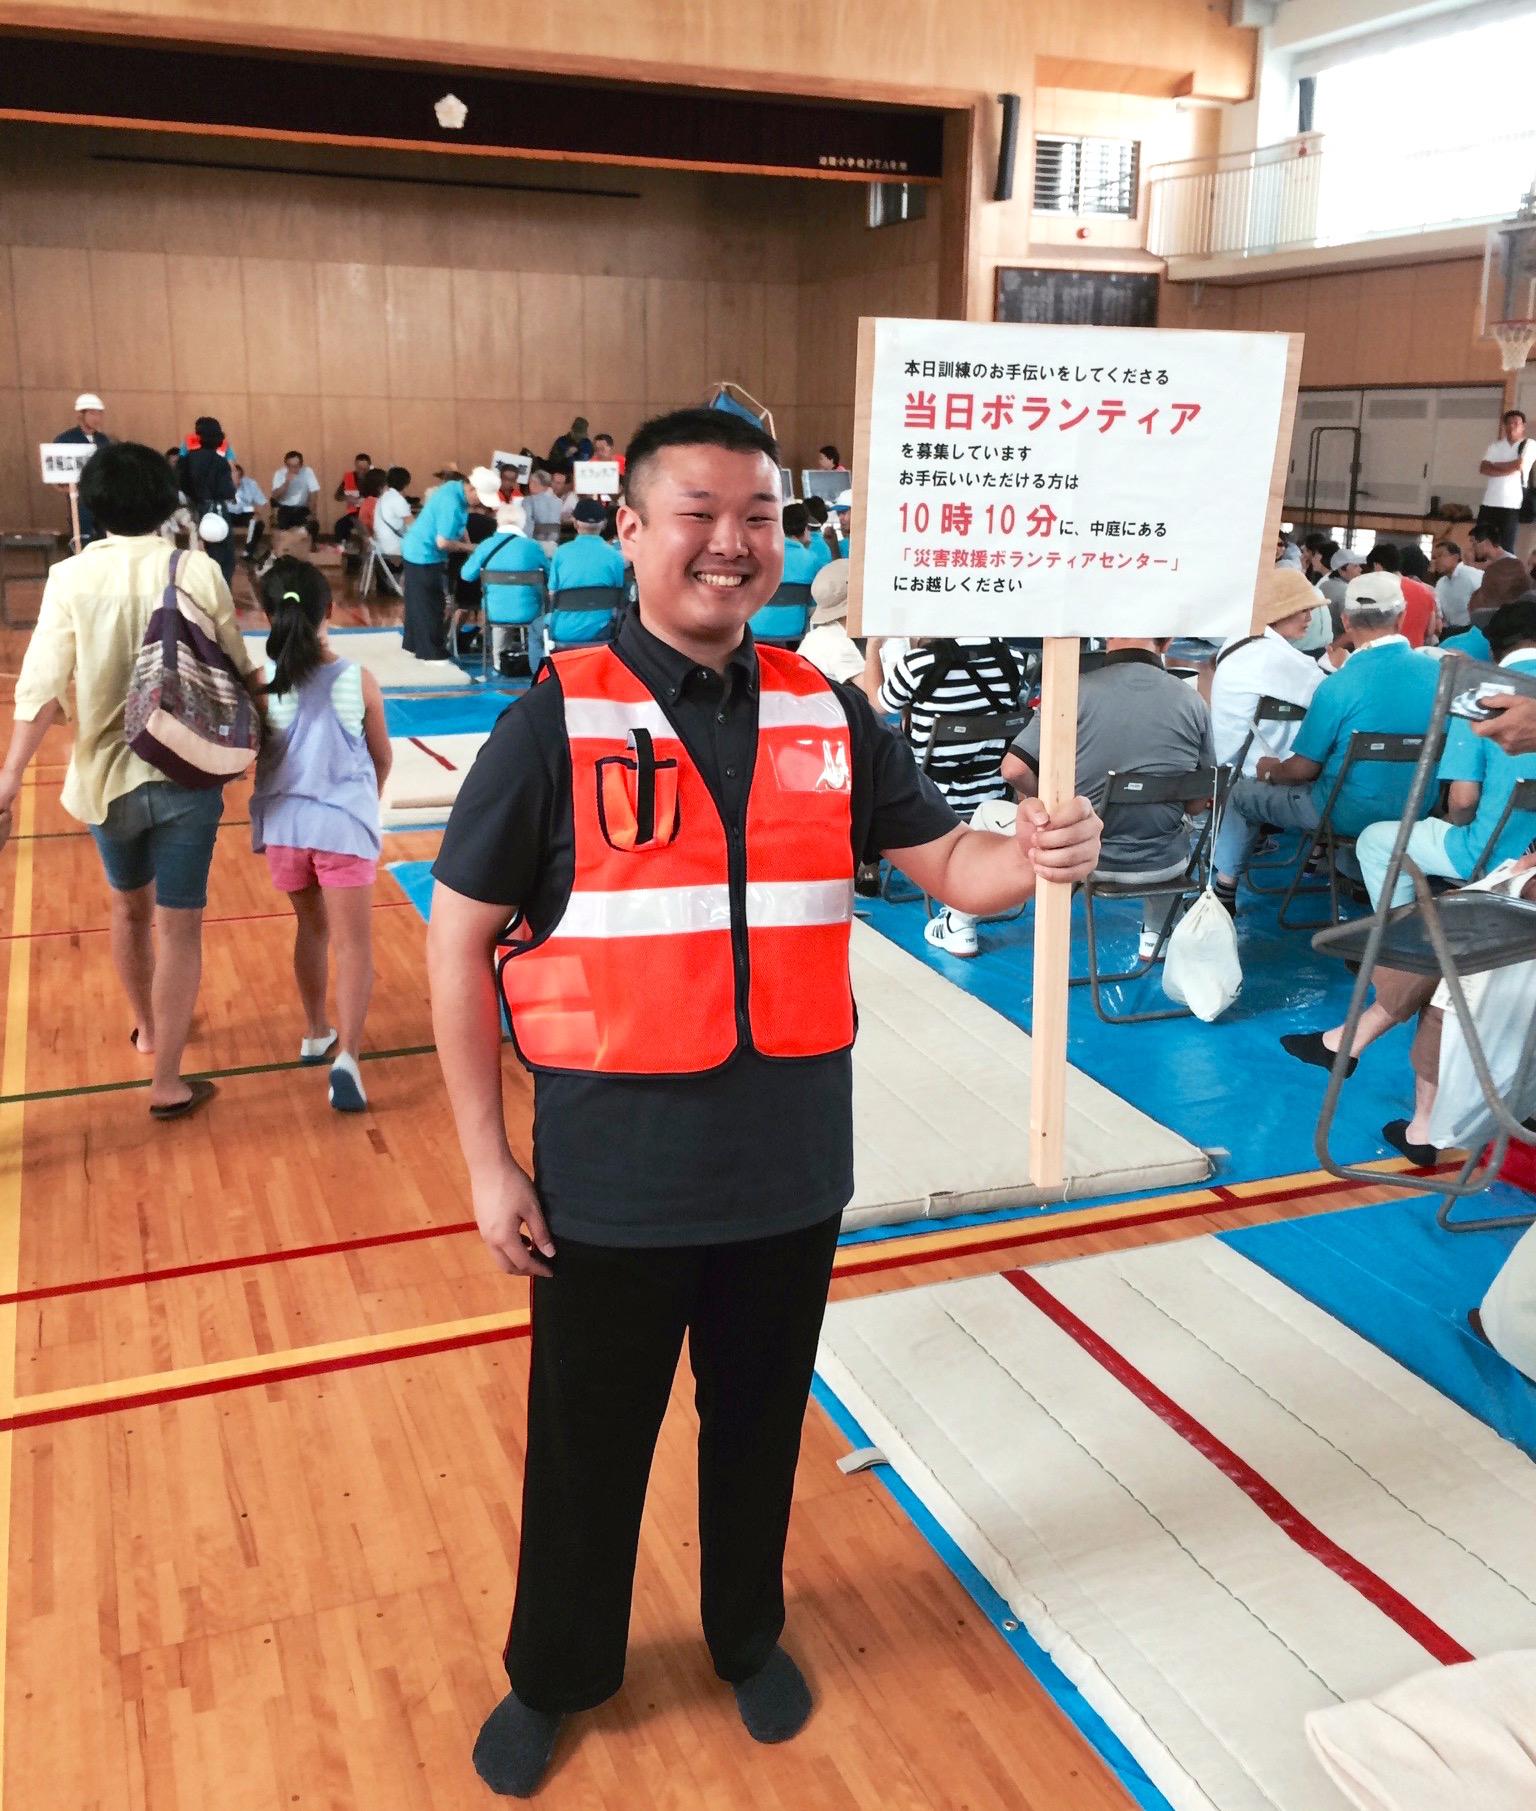 夏の終わりのハーモニー〜沼間小学校地区避難所運営訓練は賑わっていました